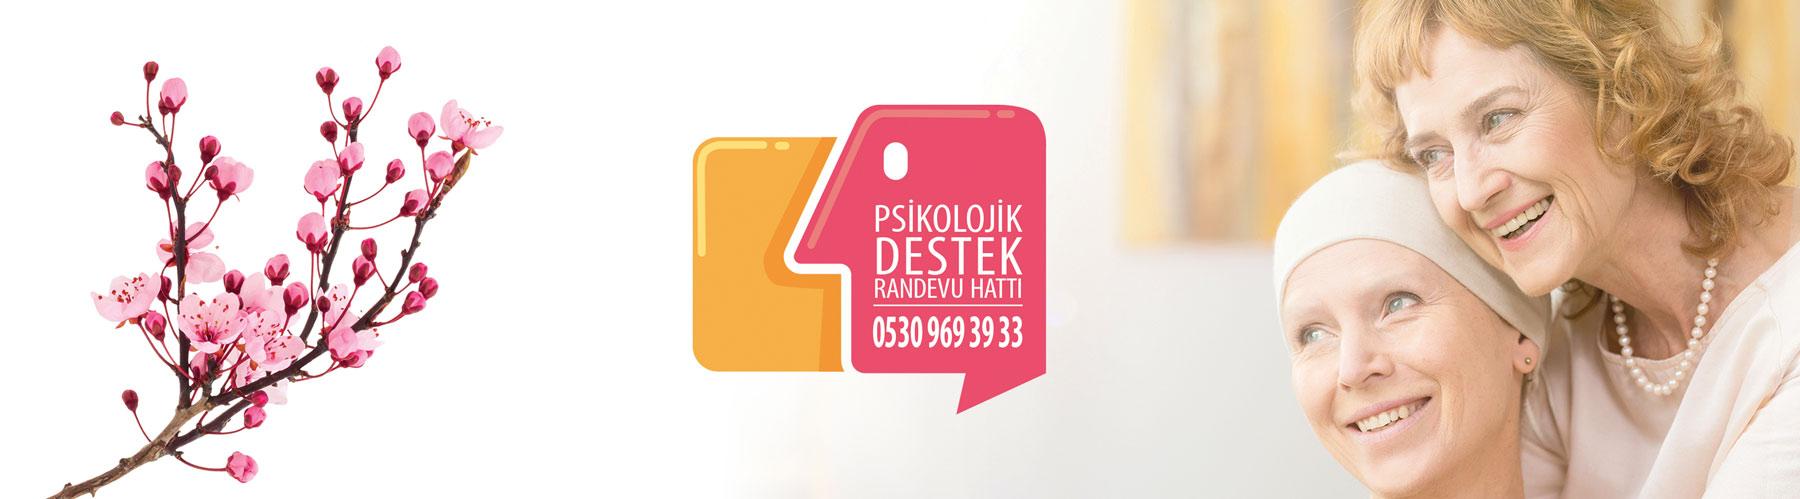 Psikolojik destek, mMK hastası kadınlarının ilk ve en önemli ihtiyacı.